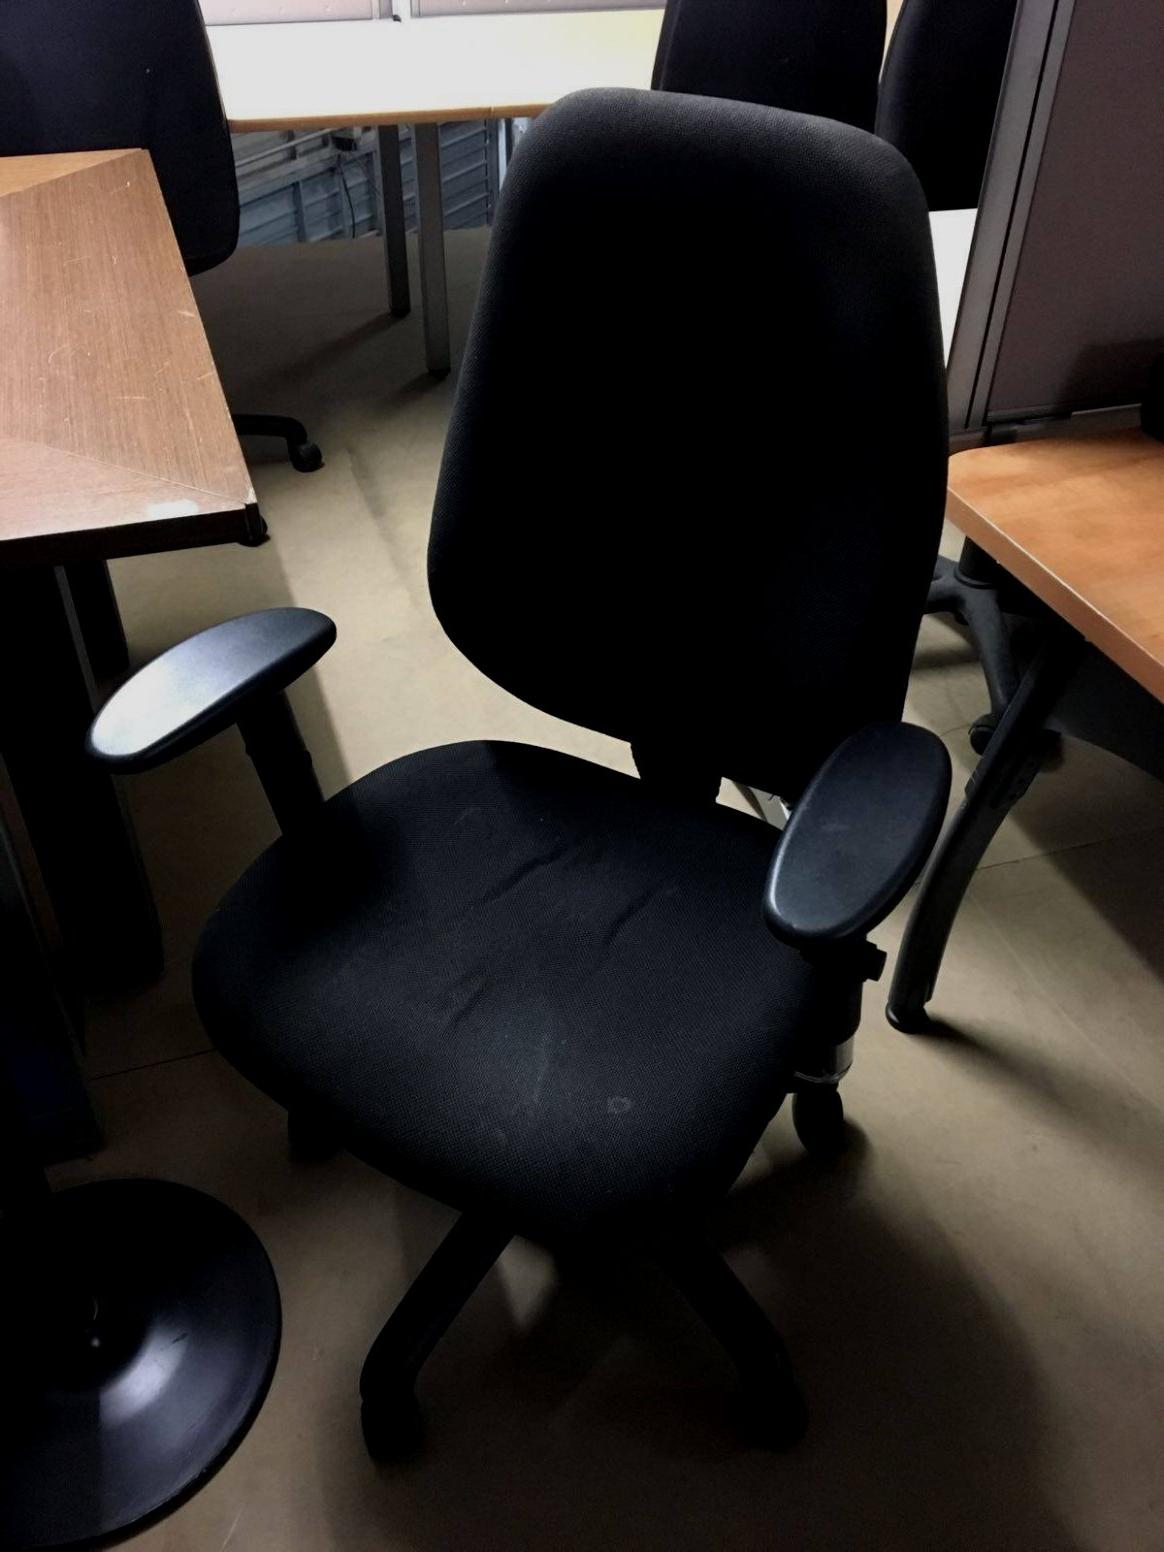 Segunda Mano Tenerife Muebles Q5df Muebles De Oficina En Tenerife Bello El Derecho Pantalla